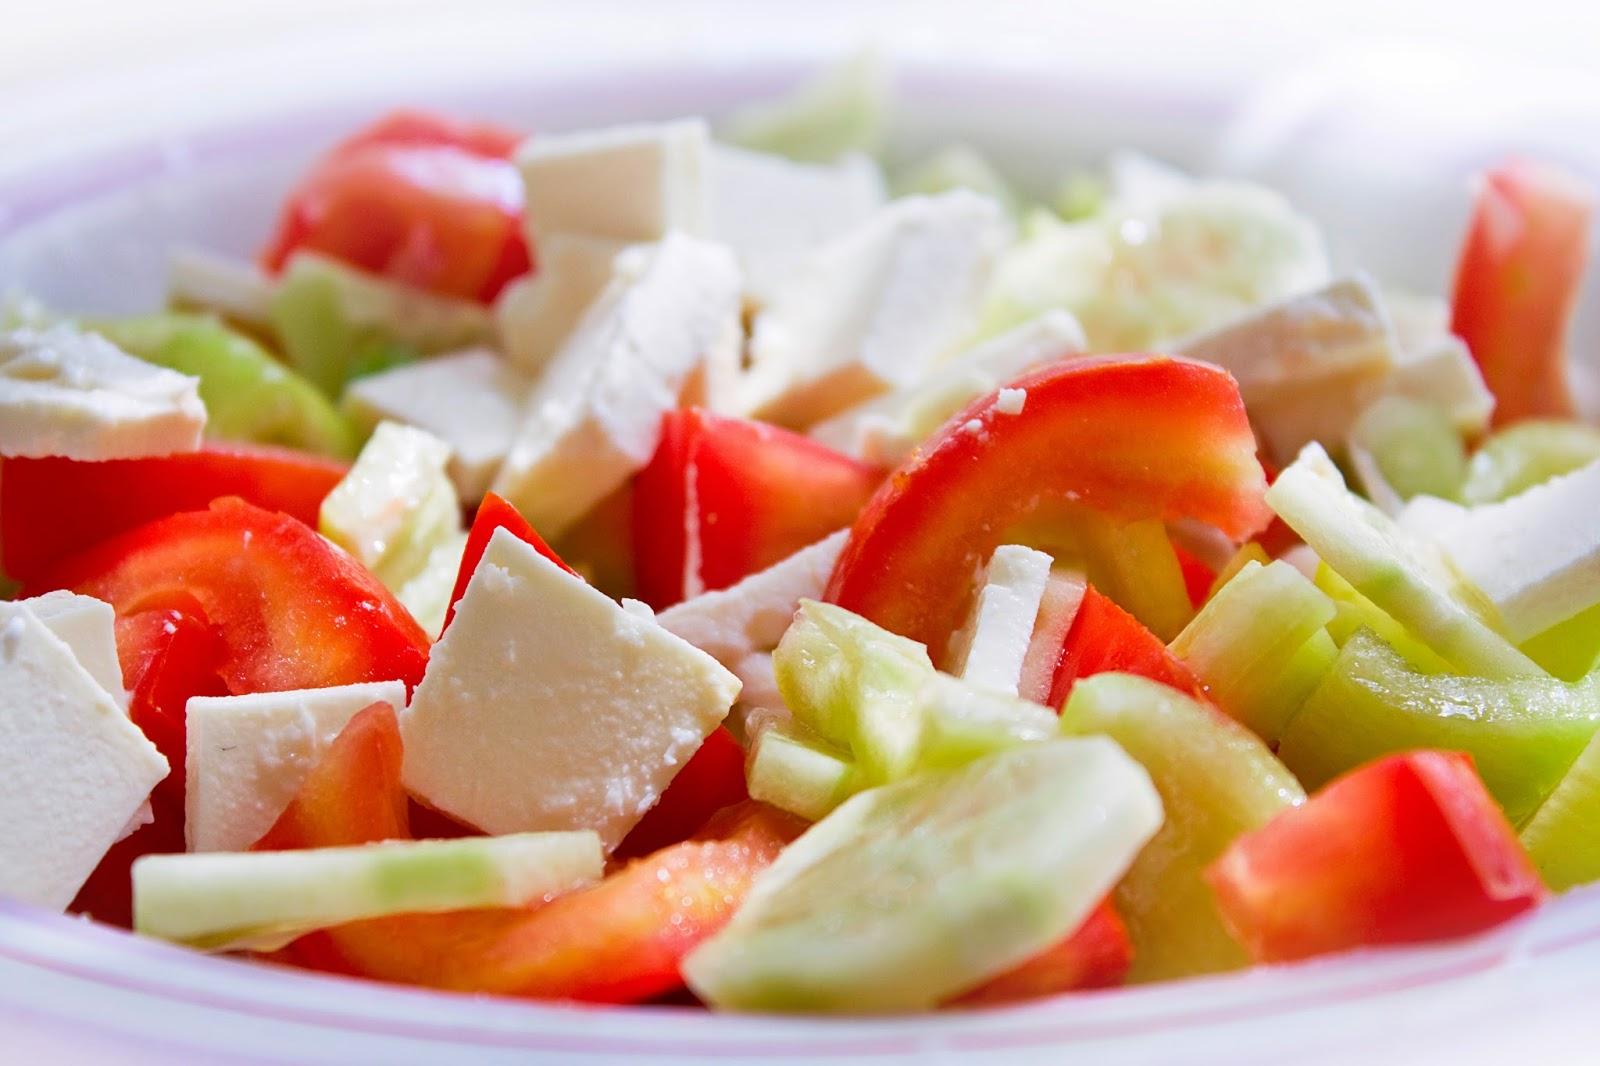 Nutrici n y deporte qu cenar despu s de hacer ejercicio - Cenas saludables para bajar de peso ...